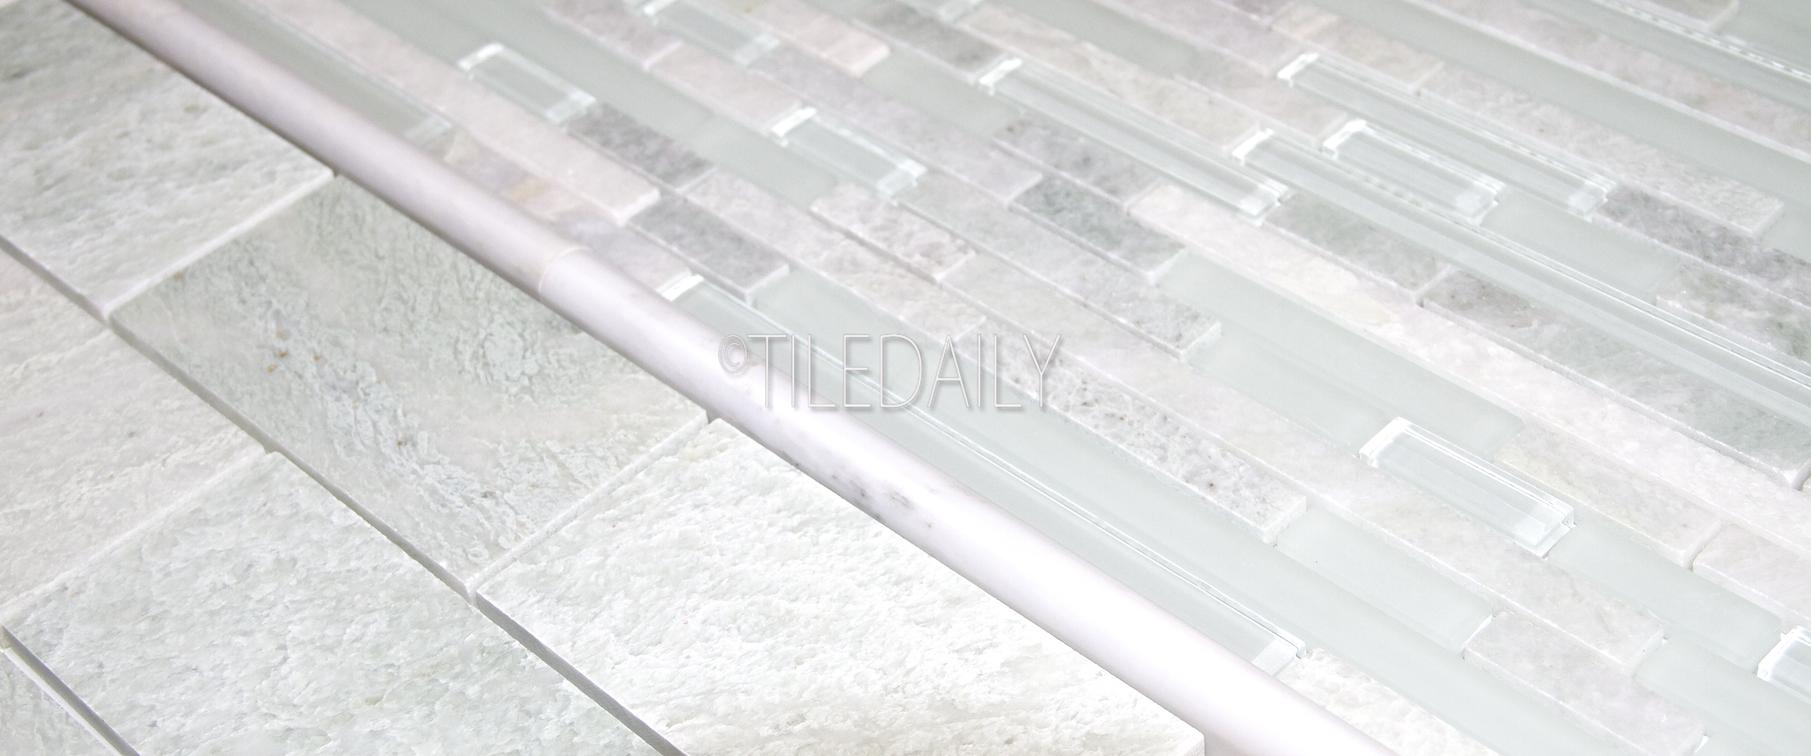 Subway tiledaily 3x6 ming green marble subway mosaic3x6 ming green marble subway mosaic with ming green and glass random brick mosaic3x6 ming green marble subway mosaic dailygadgetfo Choice Image